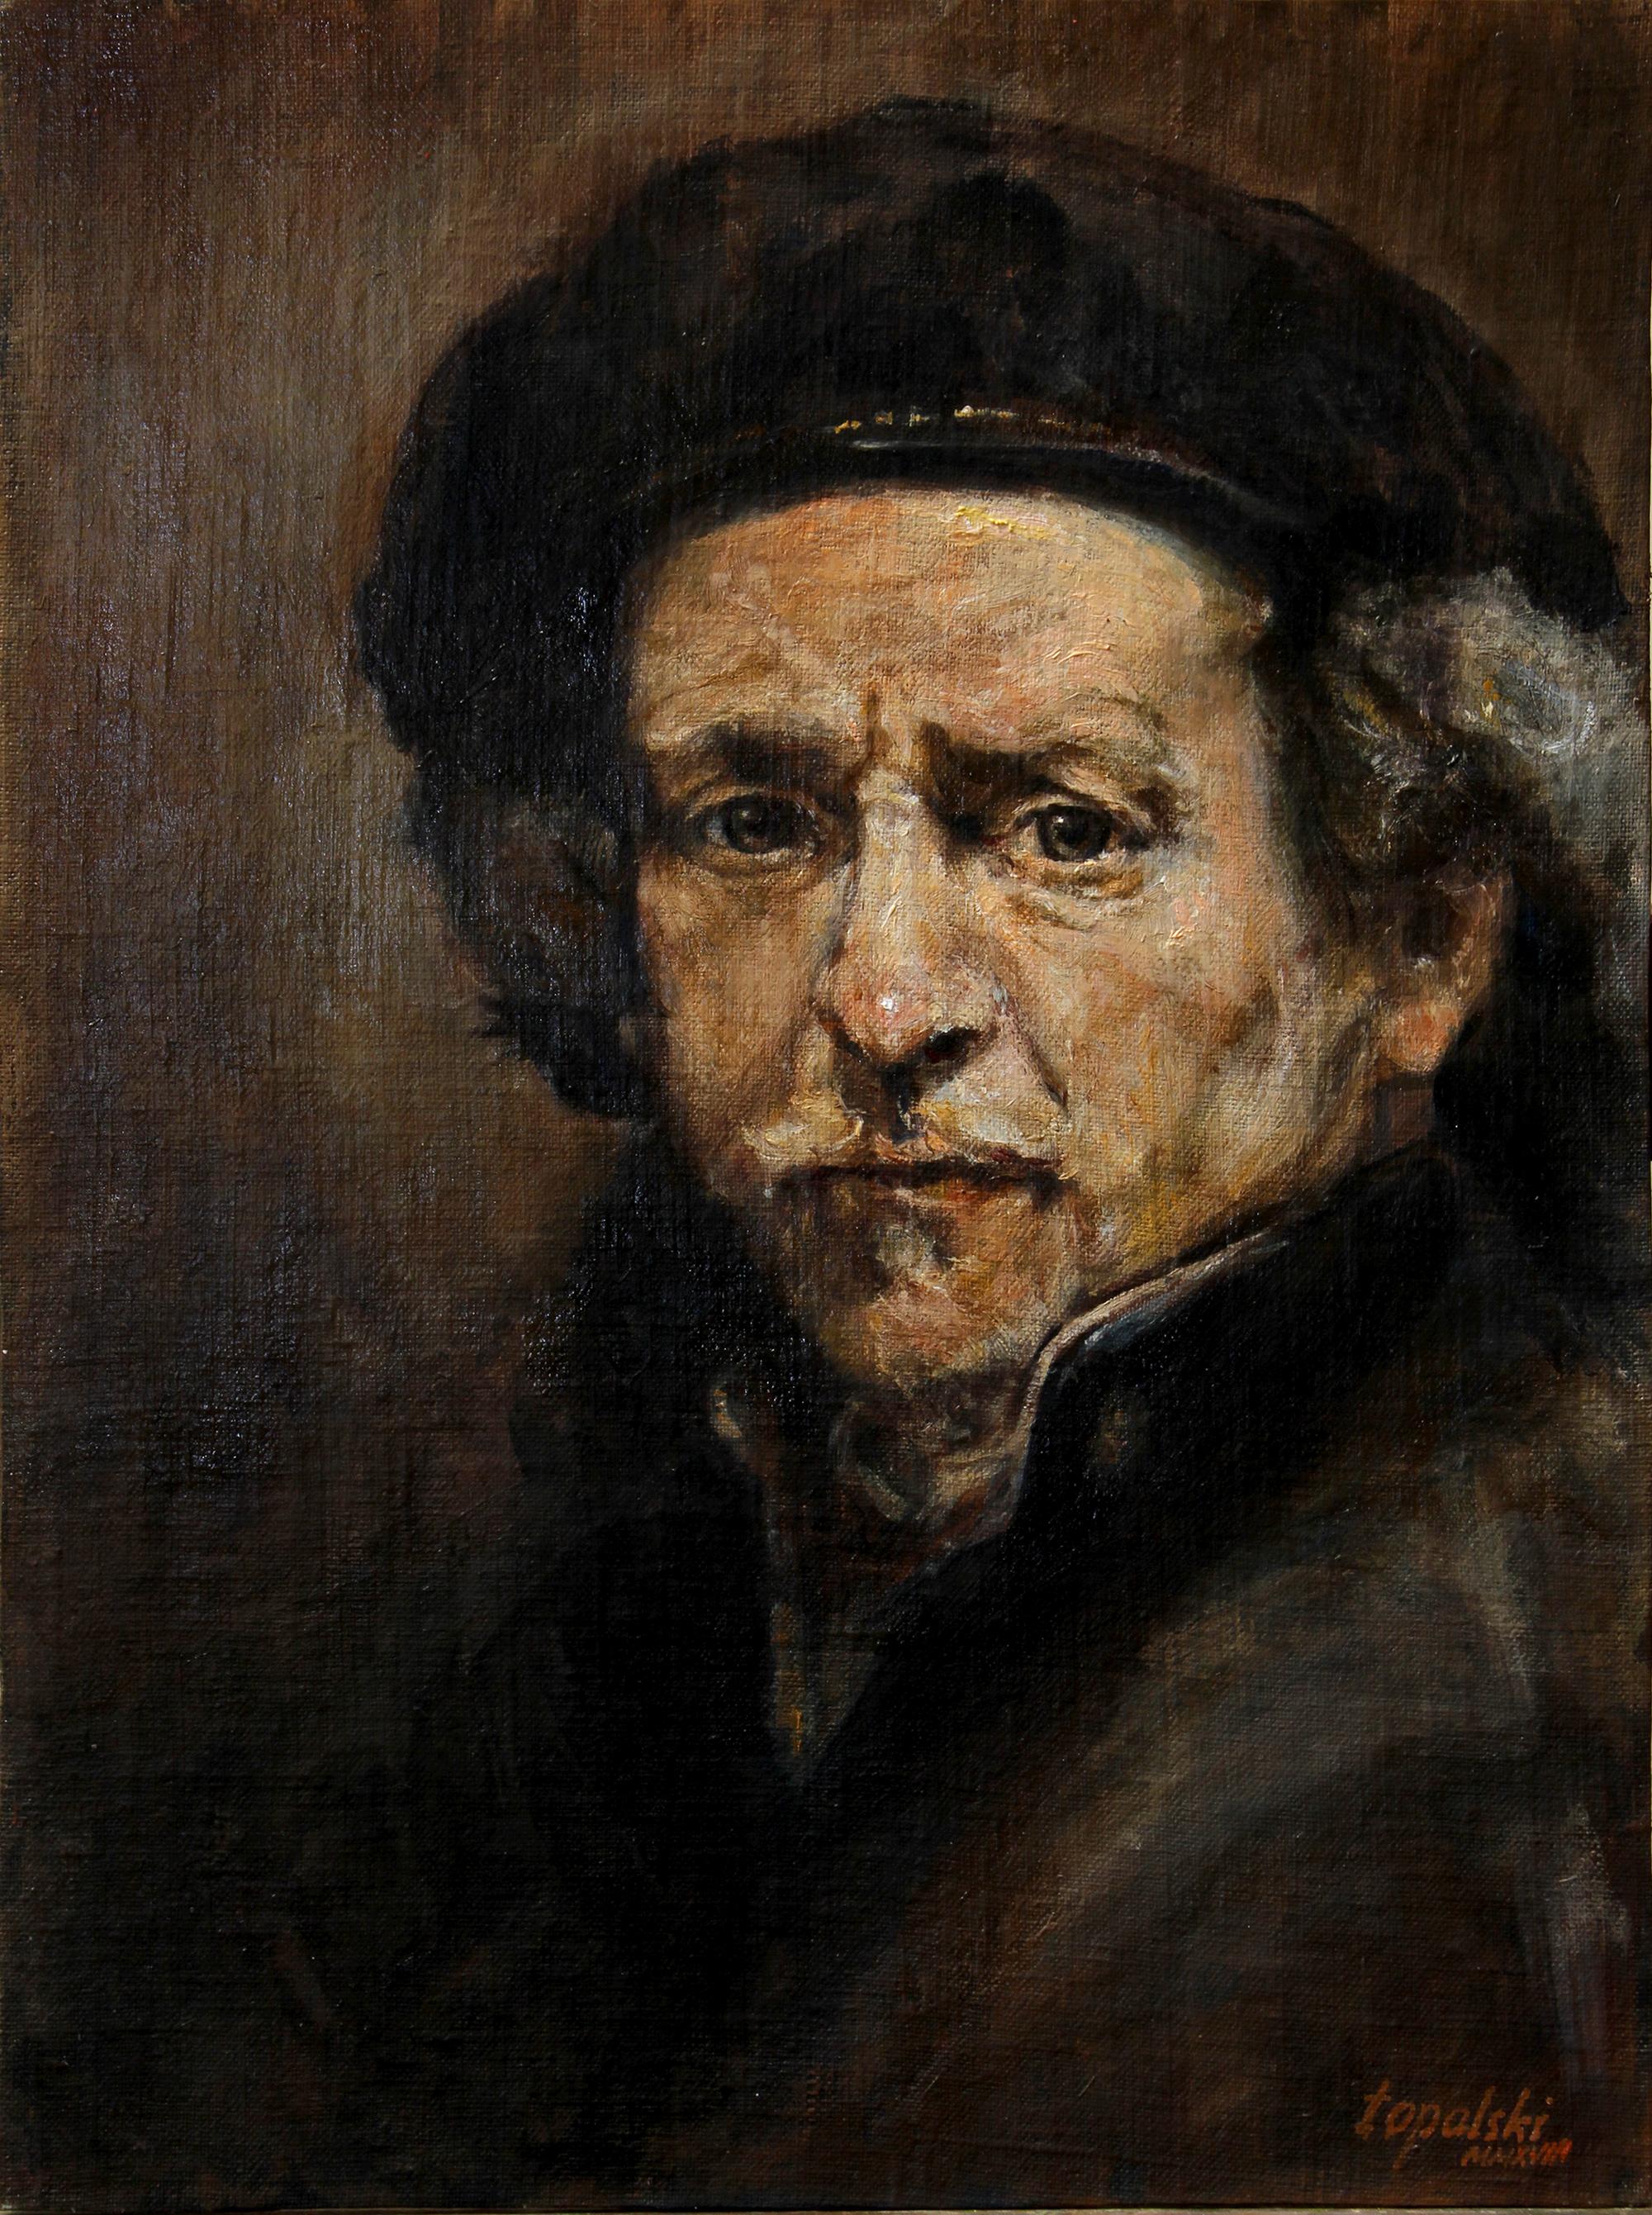 Rembrandt nakon Rembrandta - 30x40cm, 2018. Ulje na platnu umetnik Darko Topalski